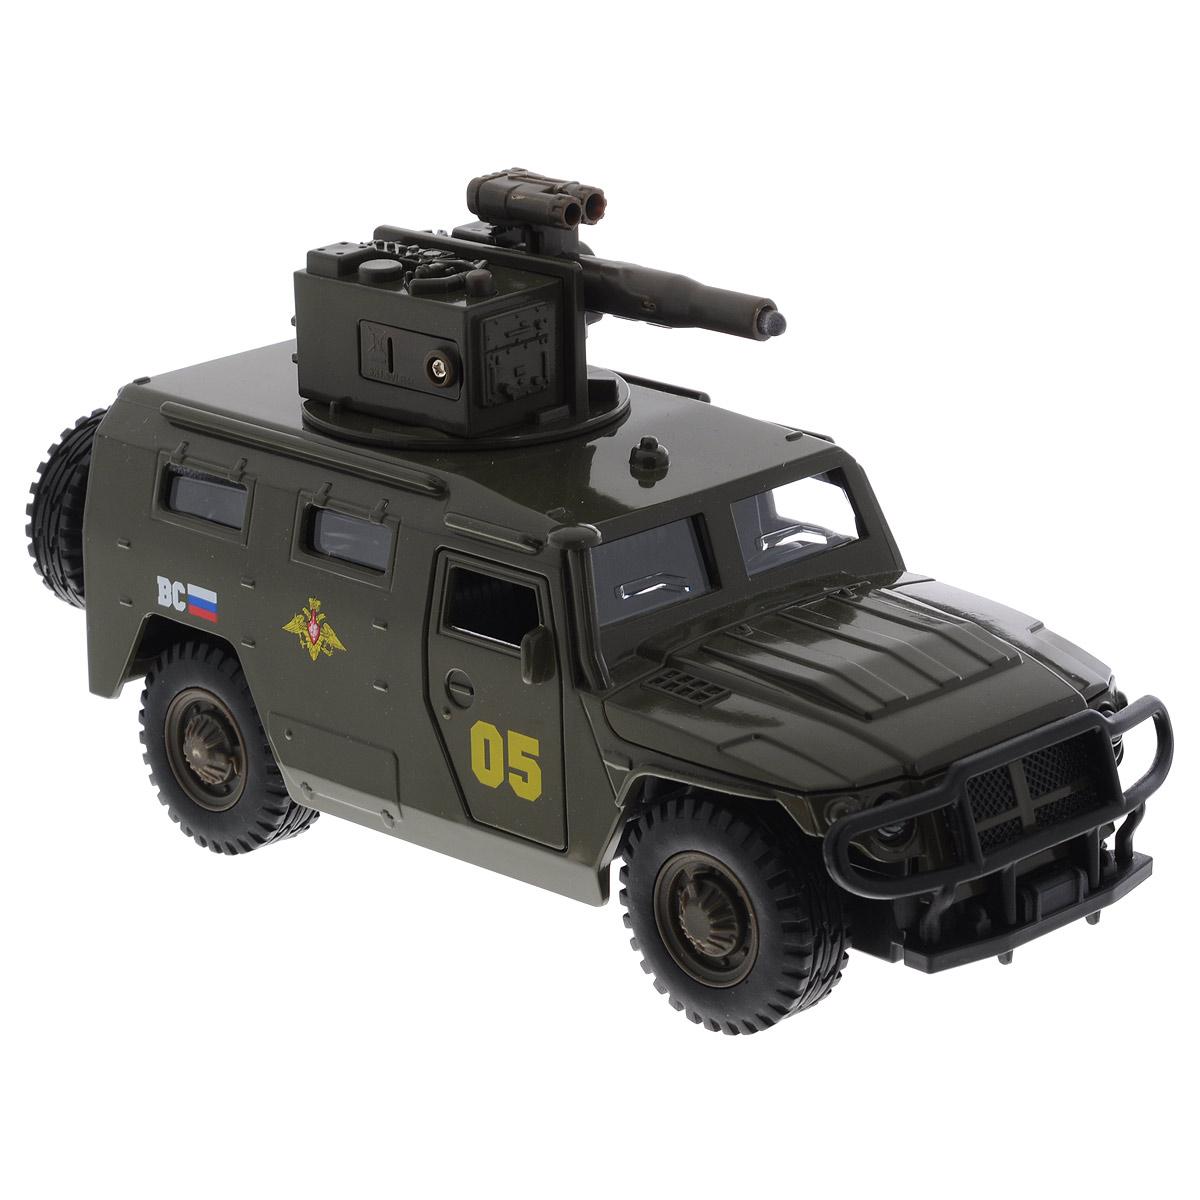 """Машинка ТехноПарк """"ГАЗ """"Тигр"""", выполненная из металла и пластика, станет любимой игрушкой вашего малыша. Игрушка представляет собой военный внедорожник ГАЗ """"Тигр"""", оснащенный открывающимися дверьми, капотом и багажником, а также вращающейся башней с пушкой. При нажатии кнопки на пушке кончик дула начинает светиться, при этом слышны звуки стрельбы и команды """"Огонь! В атаку!"""". Прорезиненные колеса обеспечивают надежное сцепление с любой поверхностью пола. Ваш ребенок будет часами играть с этой машинкой, придумывая различные истории. Порадуйте его таким замечательным подарком! Машинка работает от батареек (товар комплектуется демонстрационными)."""